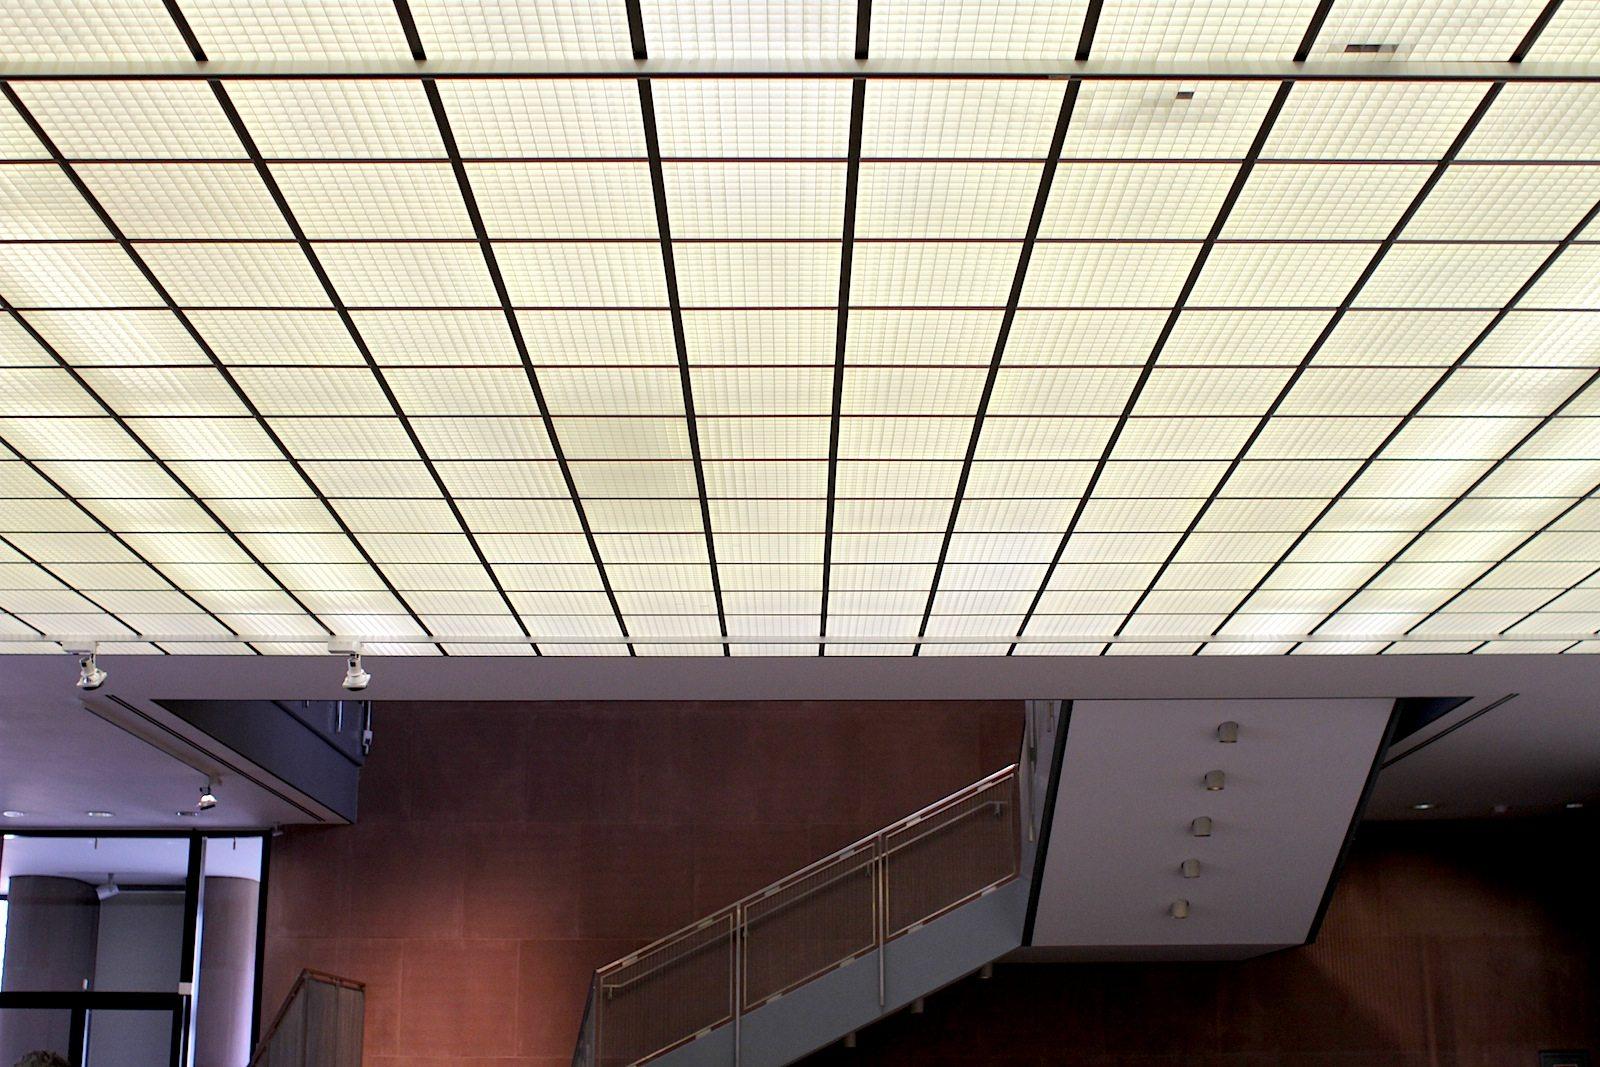 Das Foyer.  Lichtdecken sorgen im weiträumigen Foyer und auf allen Ausstellungsebenen für eine gleichmäßige Ausleuchtung.